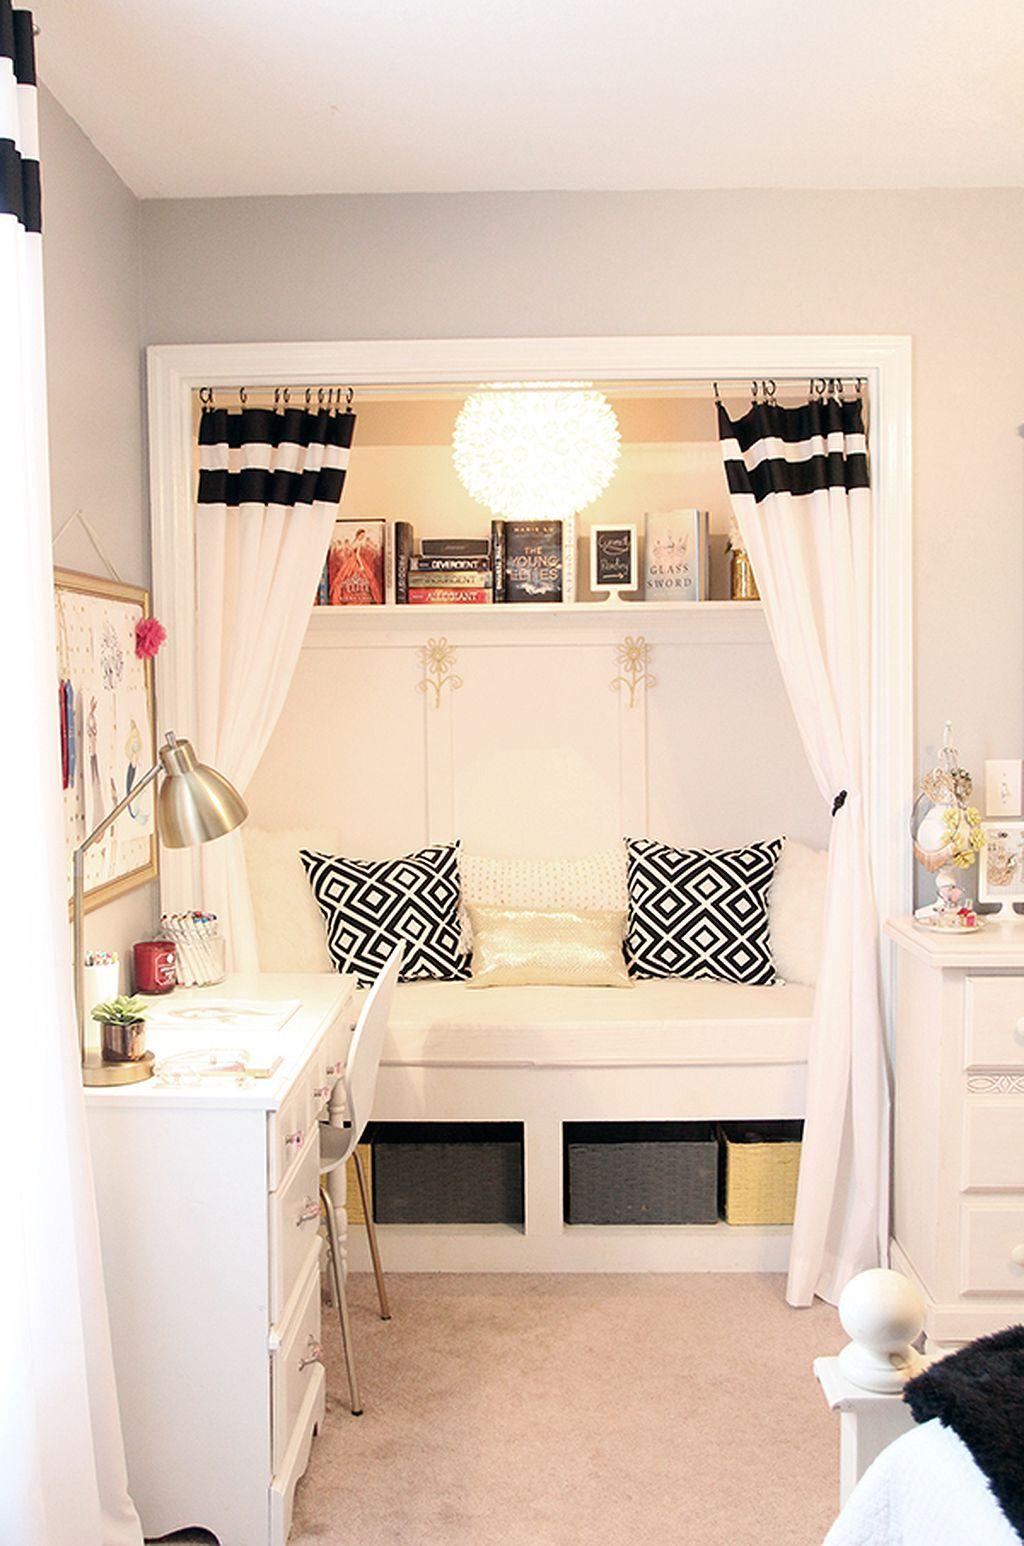 Entzückend Jugend Mädchenzimmer Referenz Von 70+ Teen Girl Bedroom Design Ideas